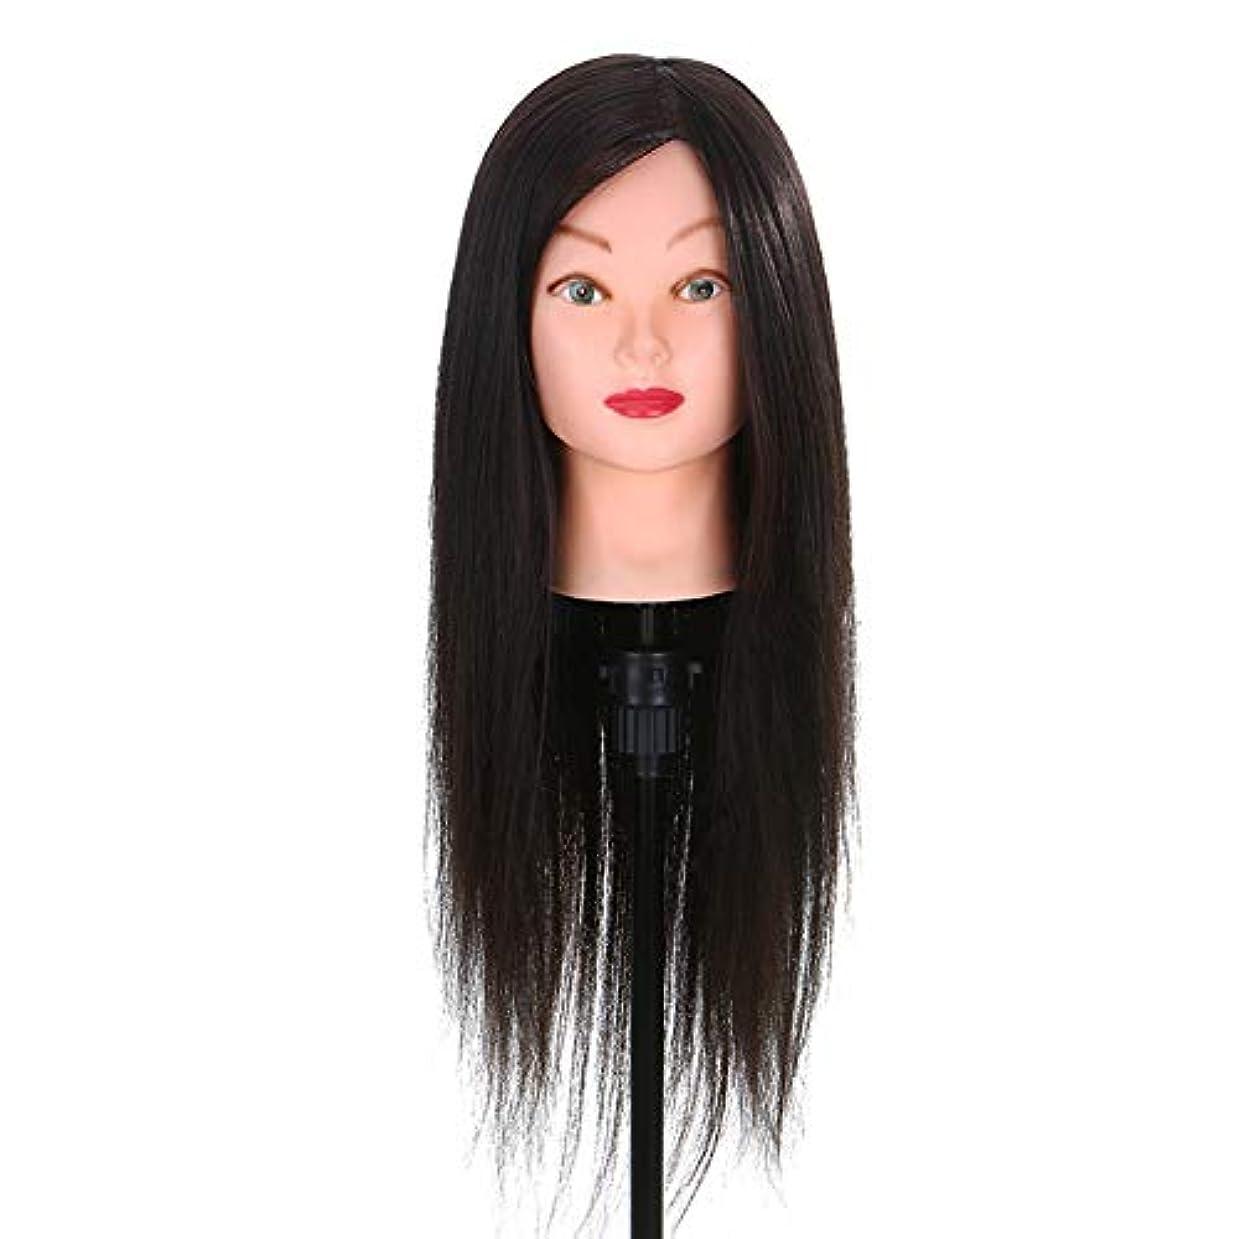 野なハントブラスト練習ディスク髪編組ヘアモデル理髪店スクールティーチングヘッドロングかつら美容マネキンヘッドブラケット